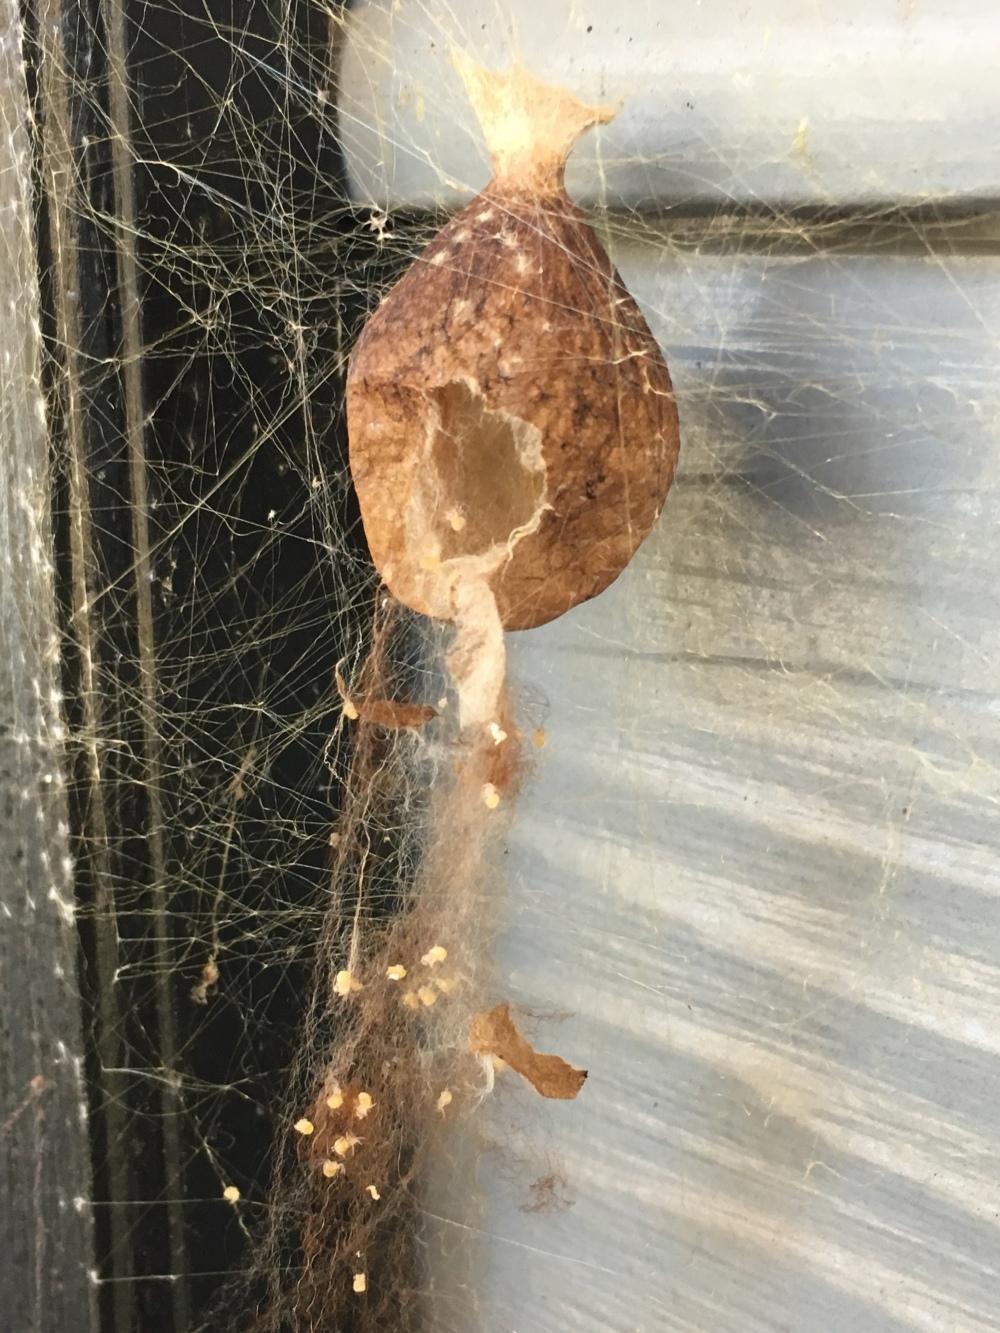 Yellow Garden Spider Argiope aurantia